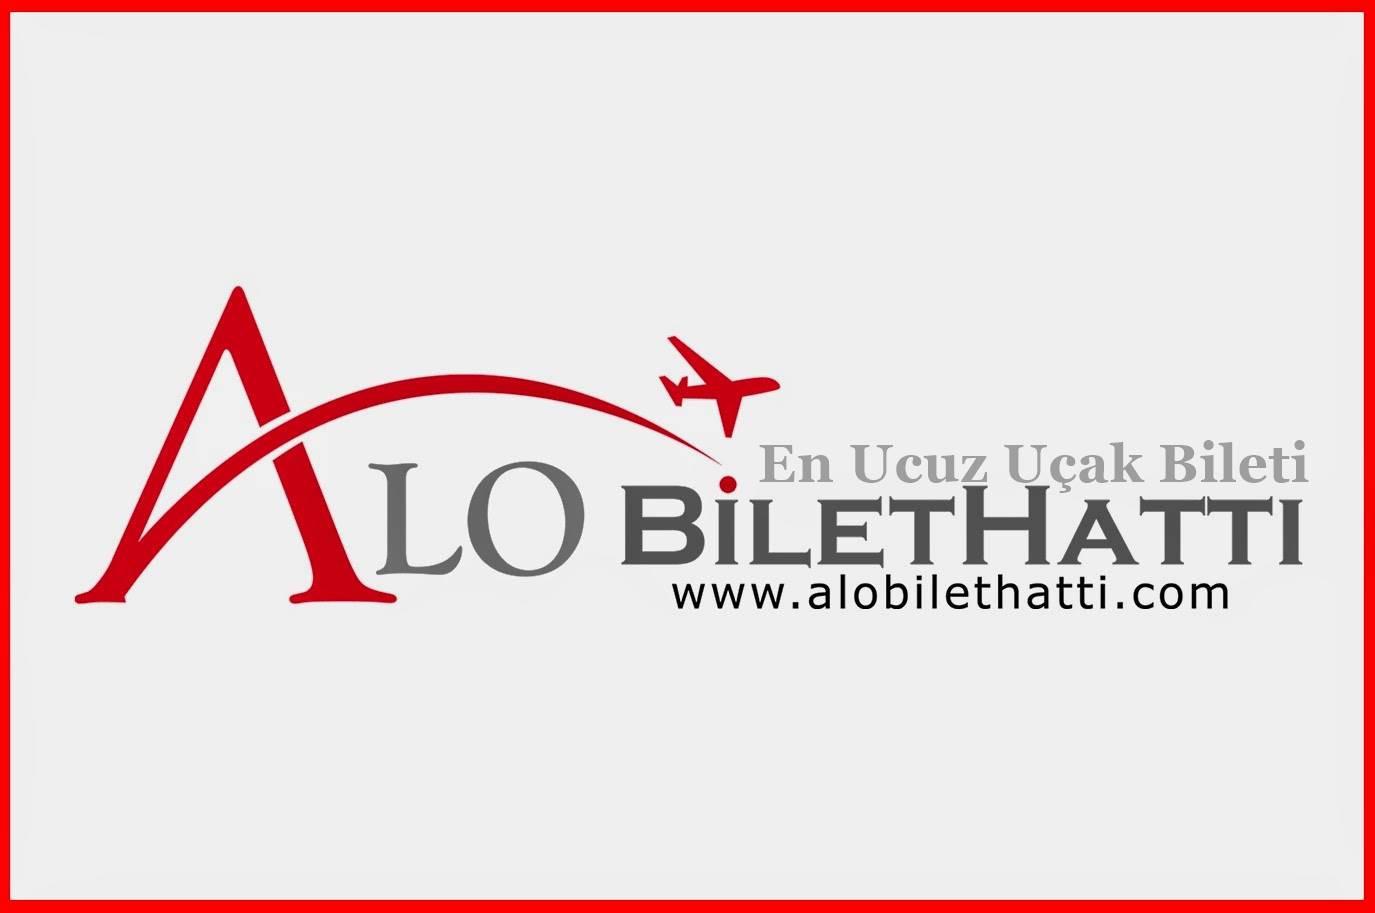 Uçak Biletleri Ucuz Fiyat Garantisi İle Yalnızca Alo Bilet Hattı'nda